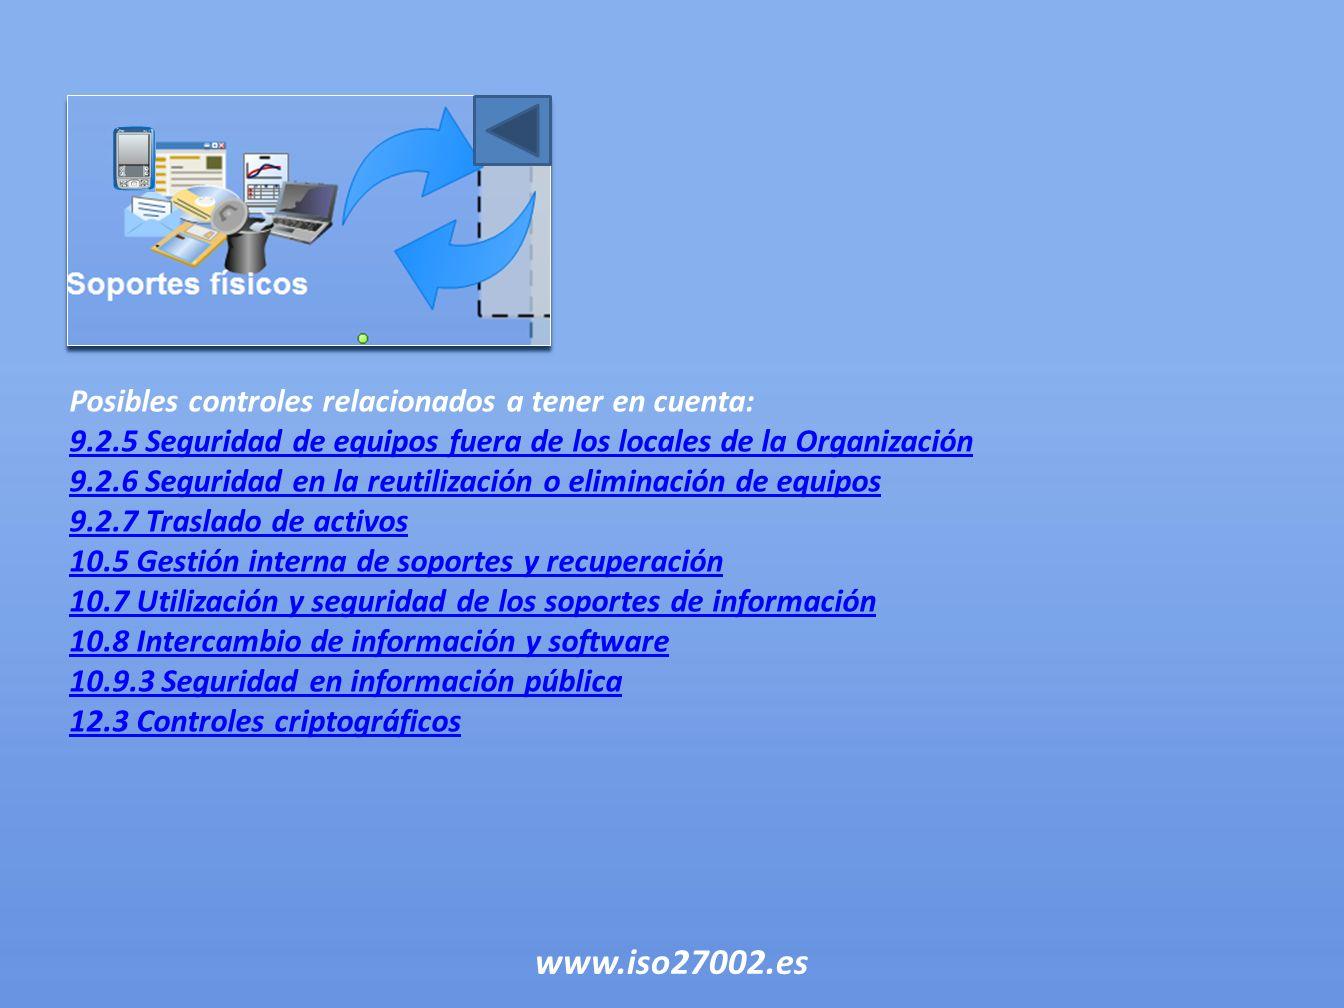 Posibles controles relacionados a tener en cuenta: 9.2.5 Seguridad de equipos fuera de los locales de la Organización 9.2.6 Seguridad en la reutilizac